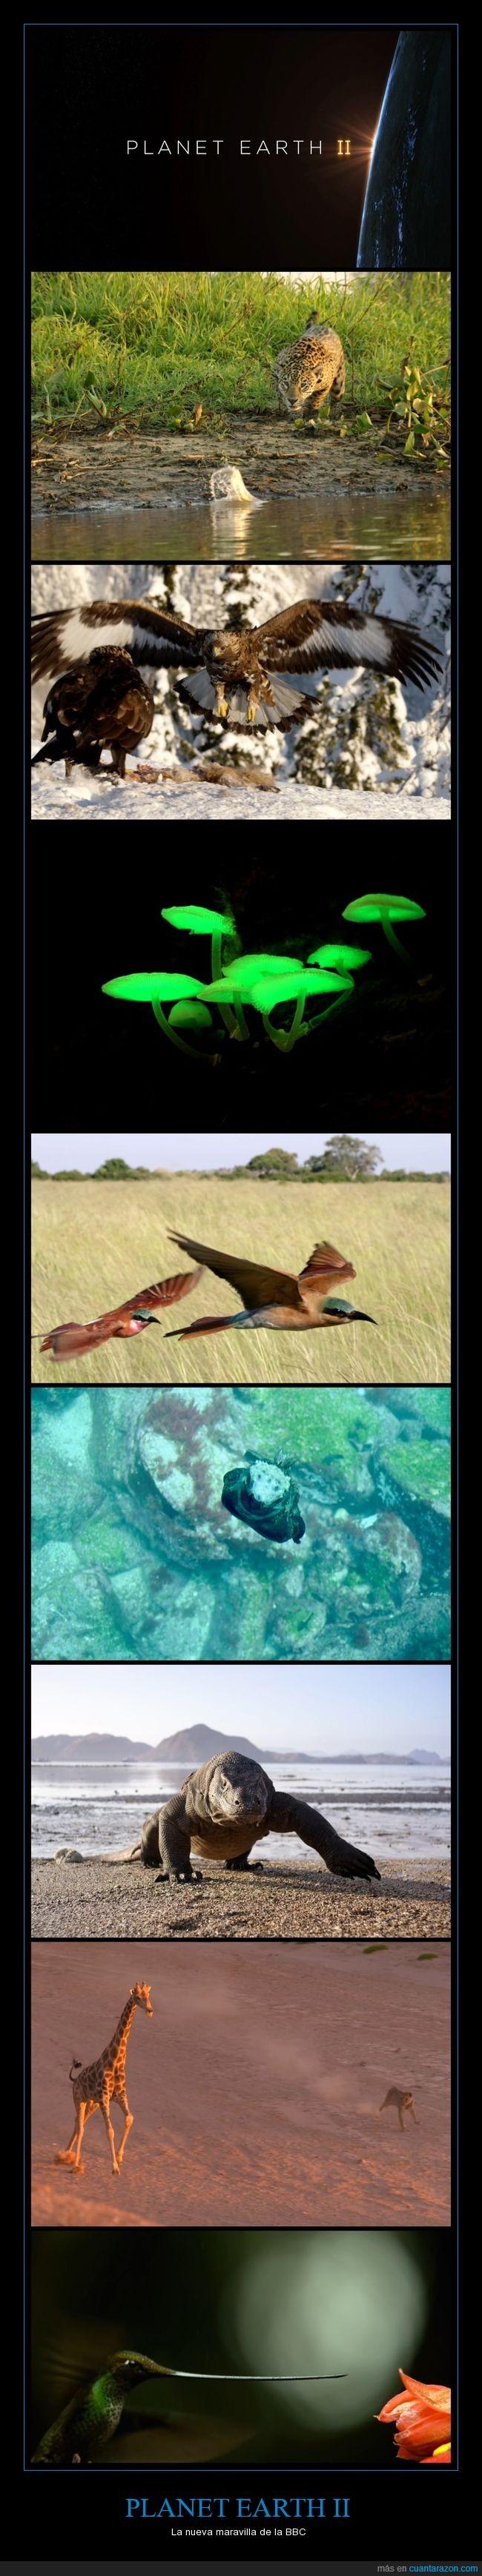 animales,bbc,belleza,documental,Naturaleza,y estas imágenes son sólo del trailer